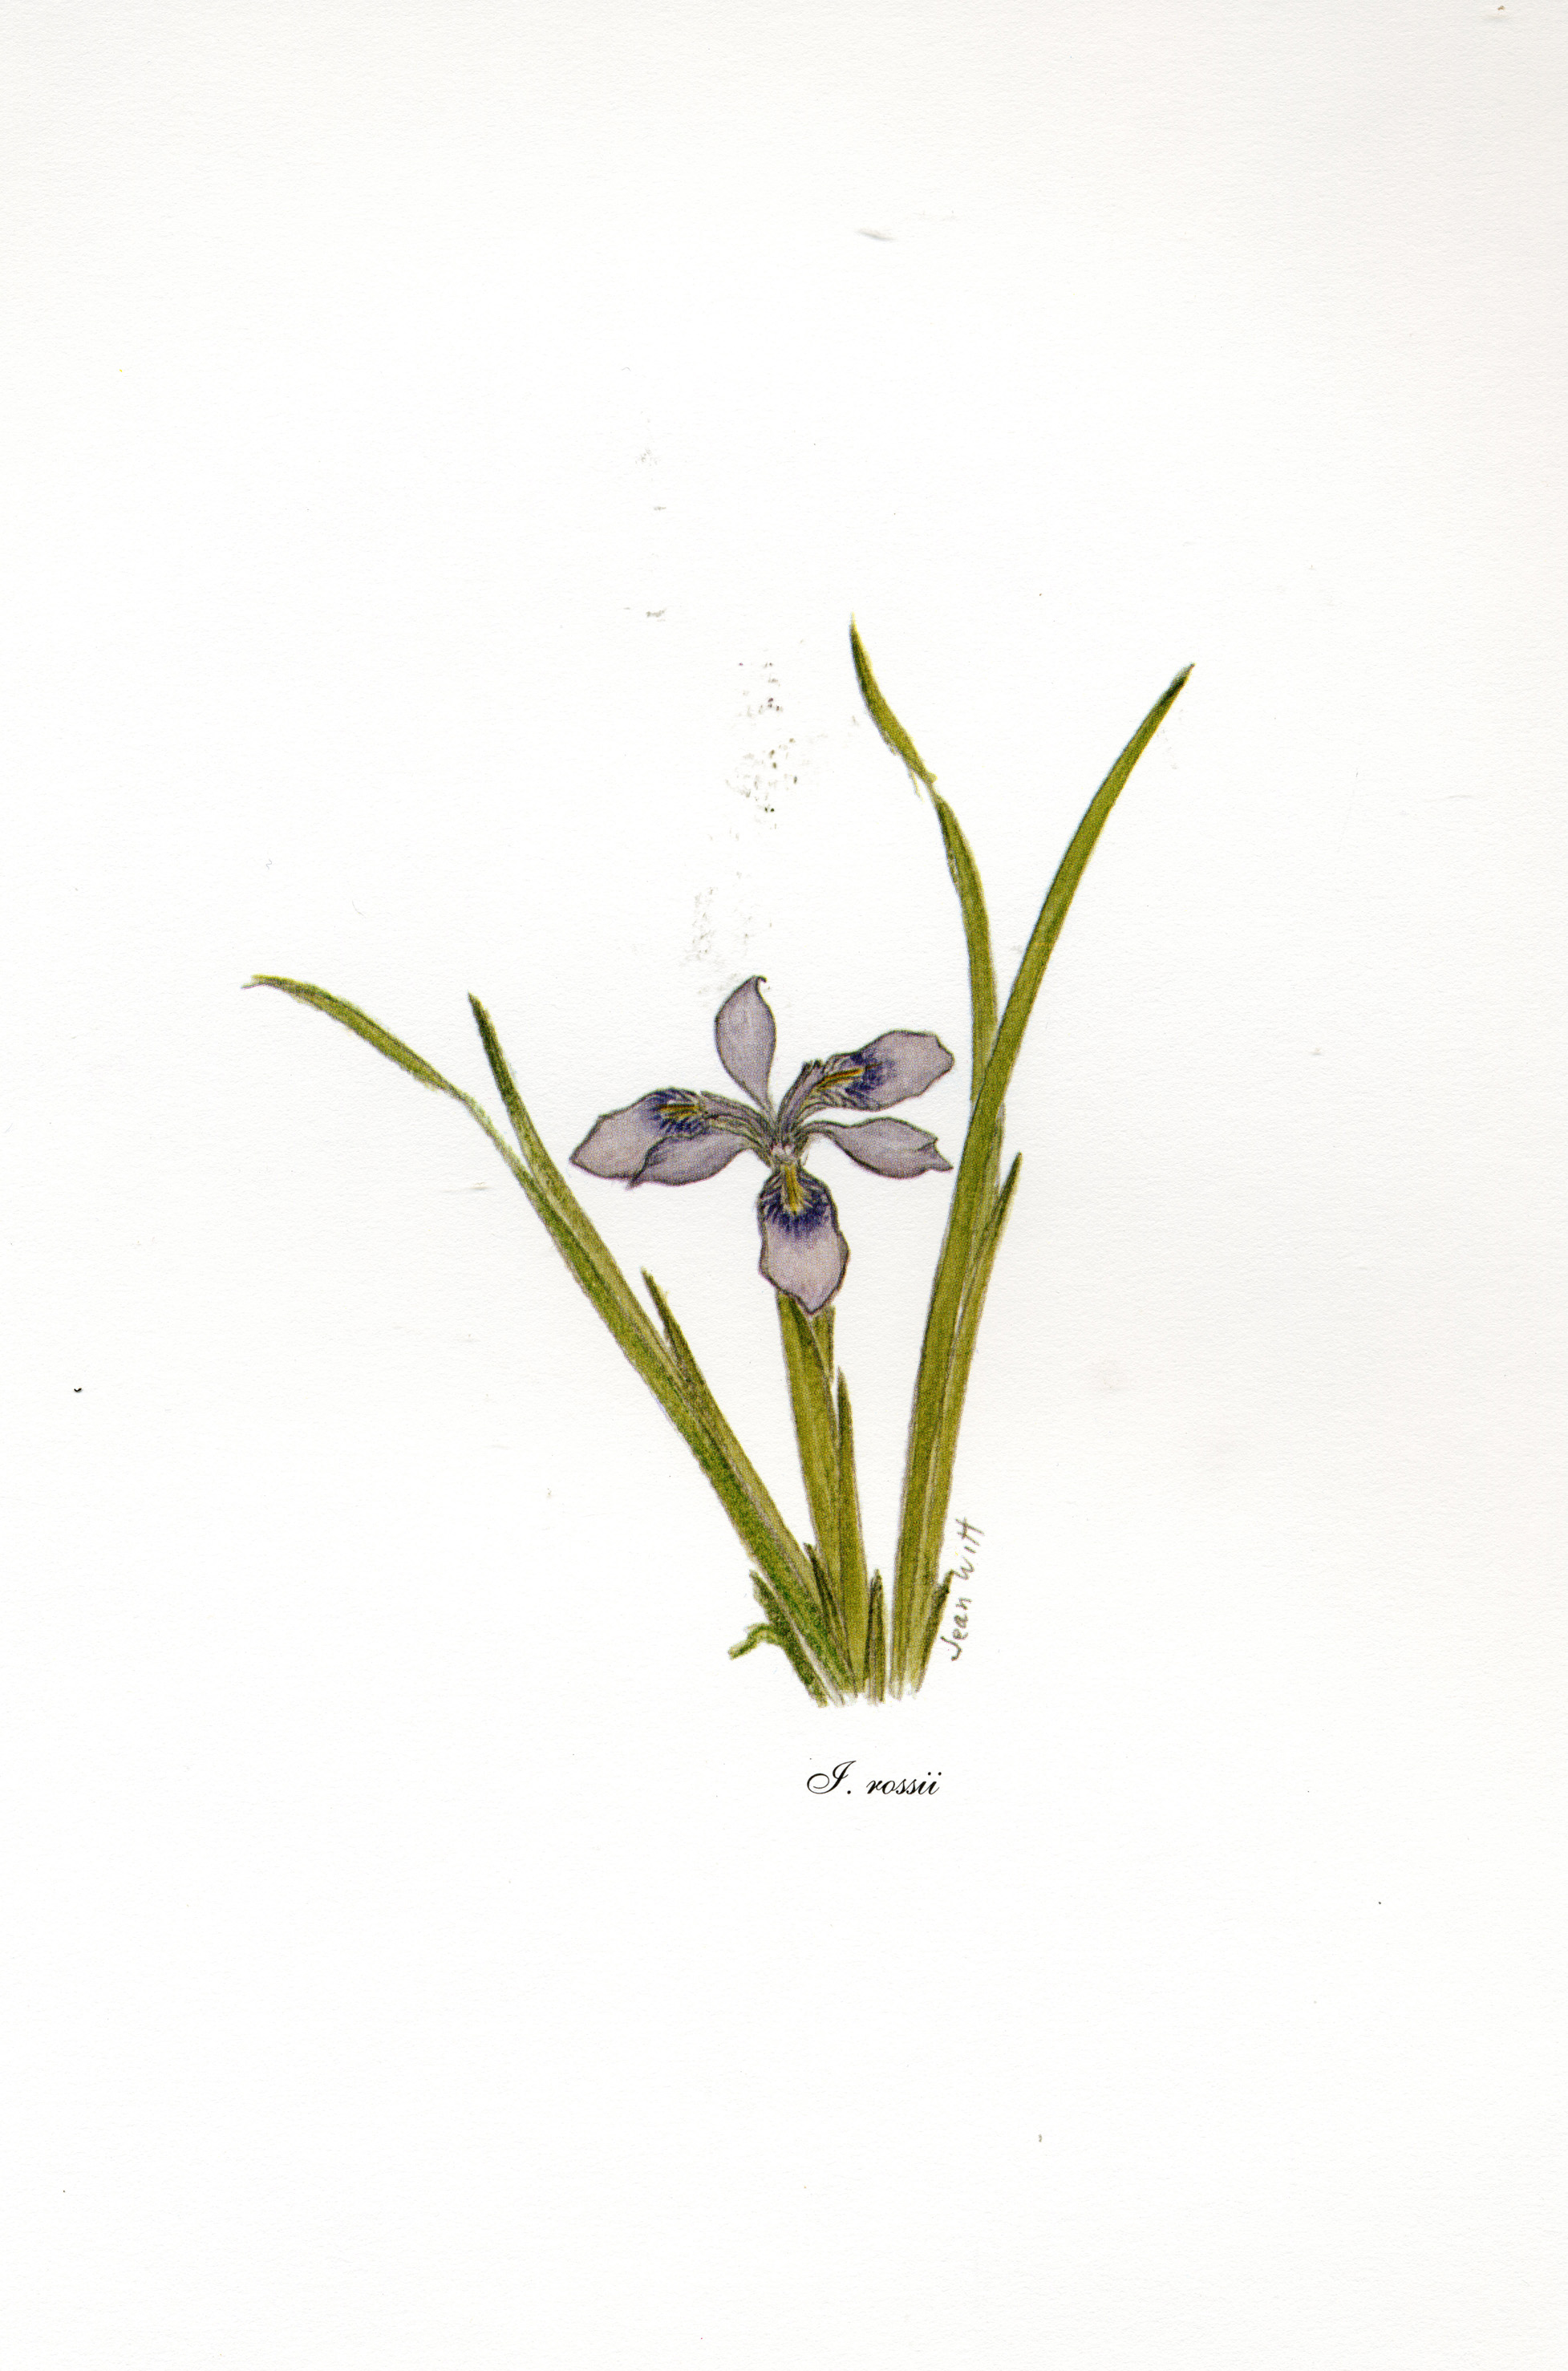 Iris rossii